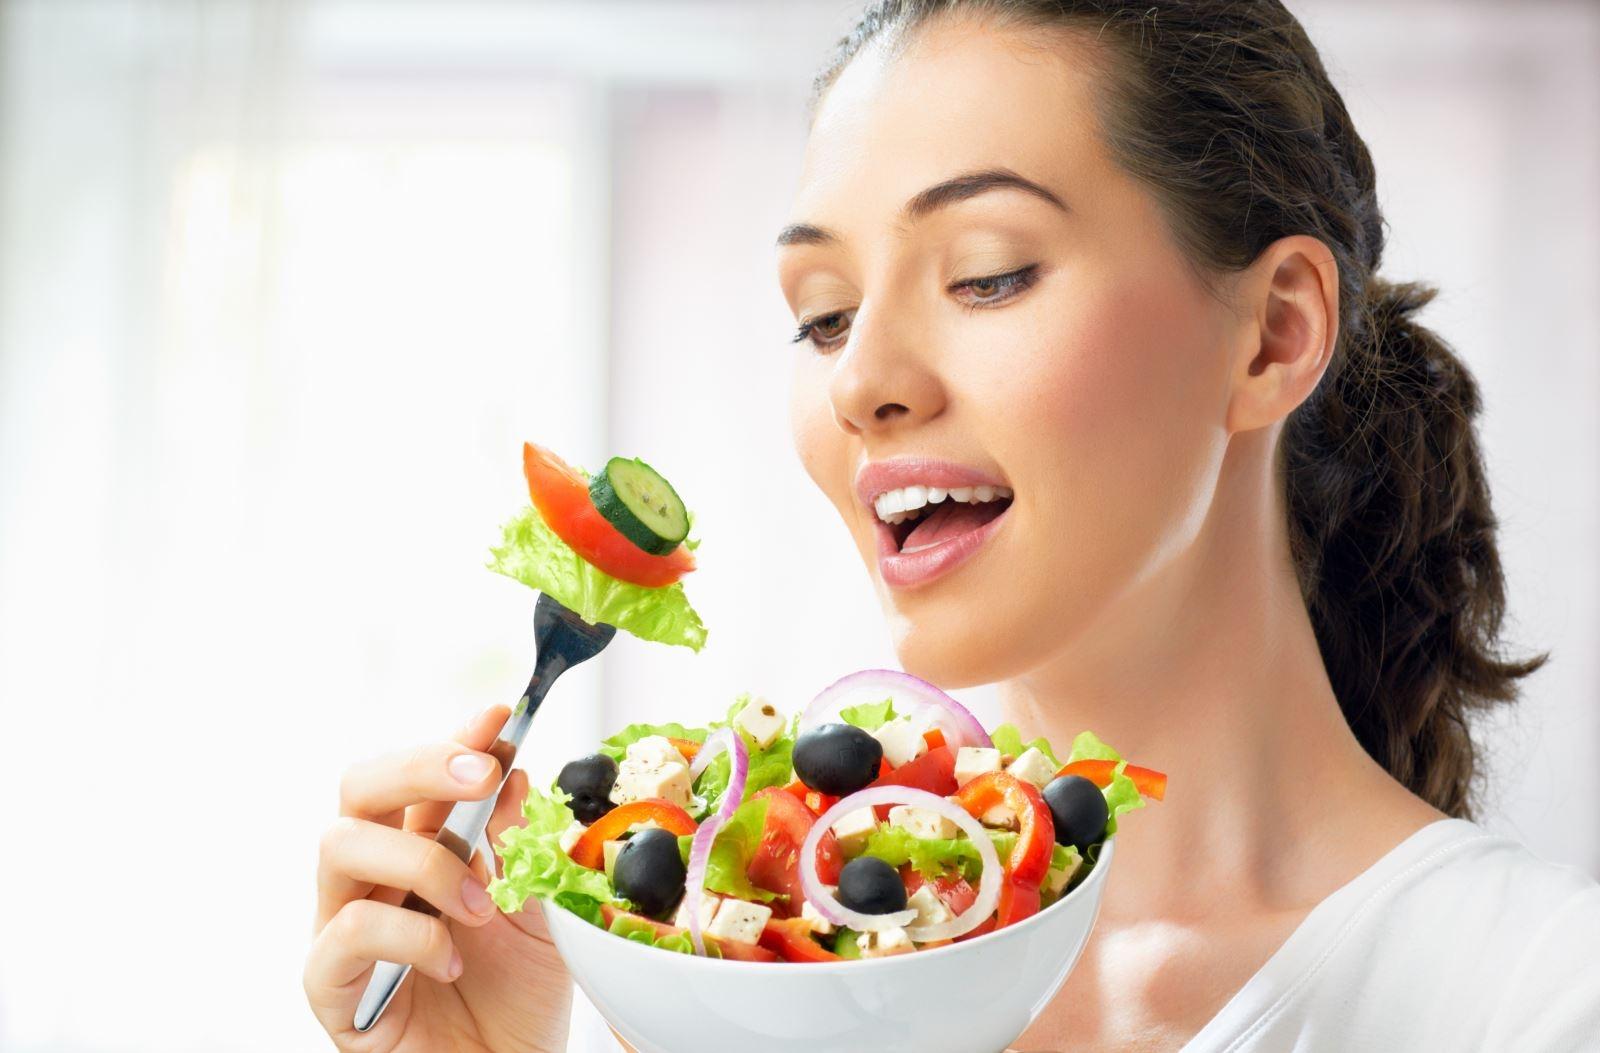 Правильное питание человека - залог здоровья! ЗДОРОВЫЙ